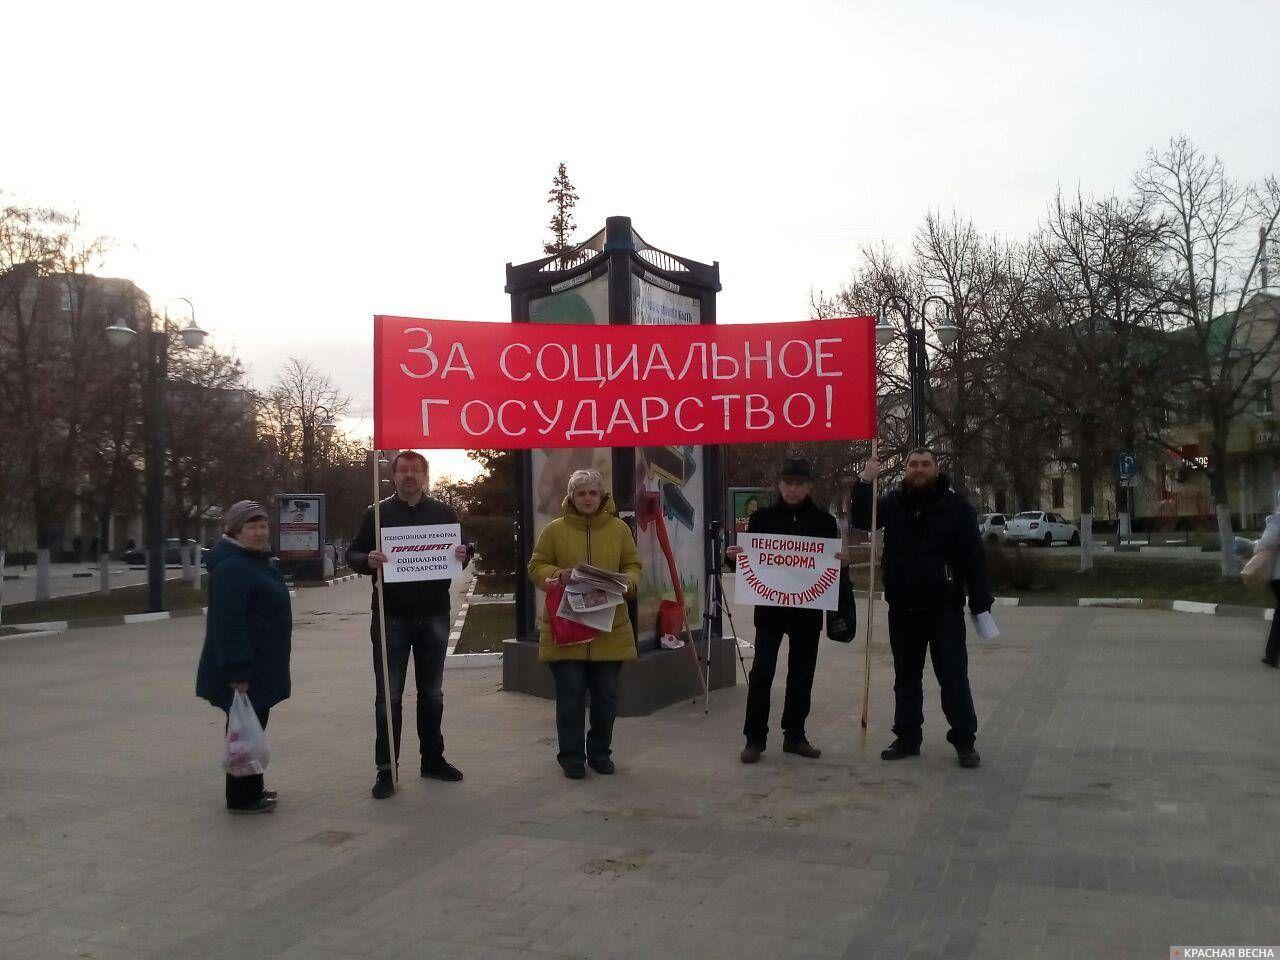 Пикет против пенсионной реформы в Белгороде